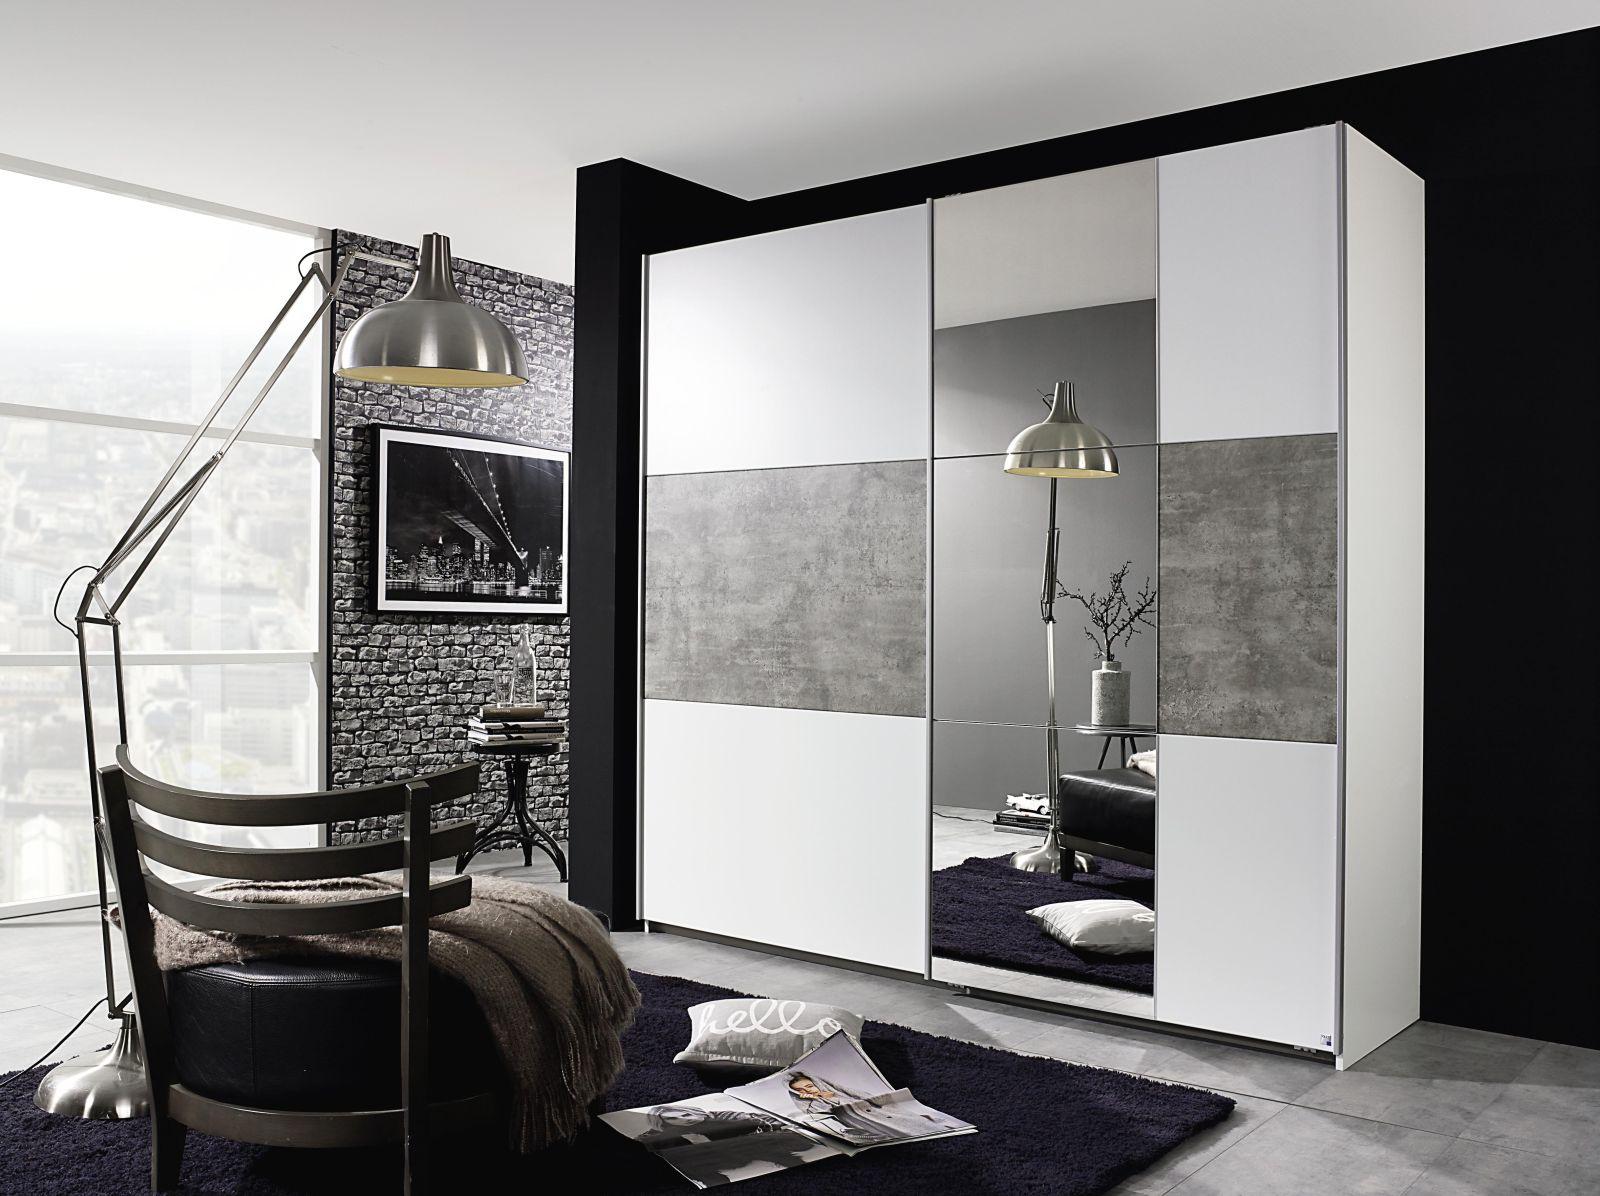 schwebet renschrank prenzlau kleiderschr nke. Black Bedroom Furniture Sets. Home Design Ideas